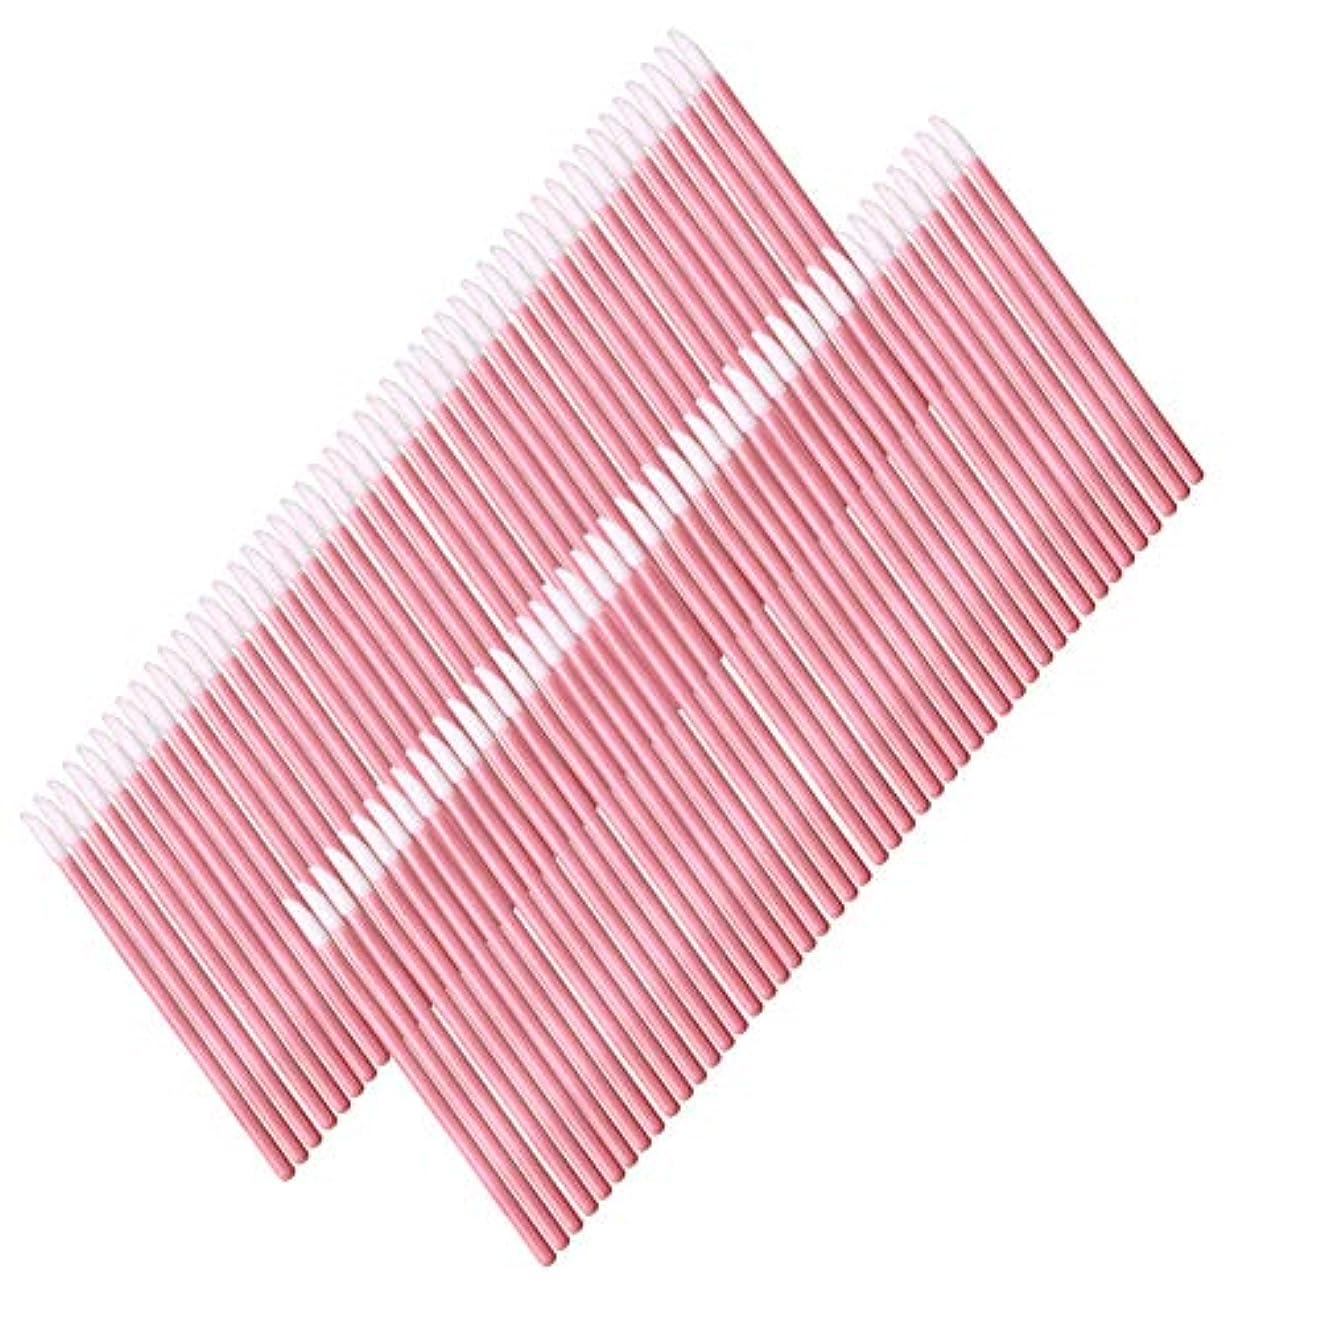 建てる宿題をする前投薬50使い捨てのリップブラシメイクブラシアプリケーターリップグロス口紅のメイクアップツールトークン(ピンク)